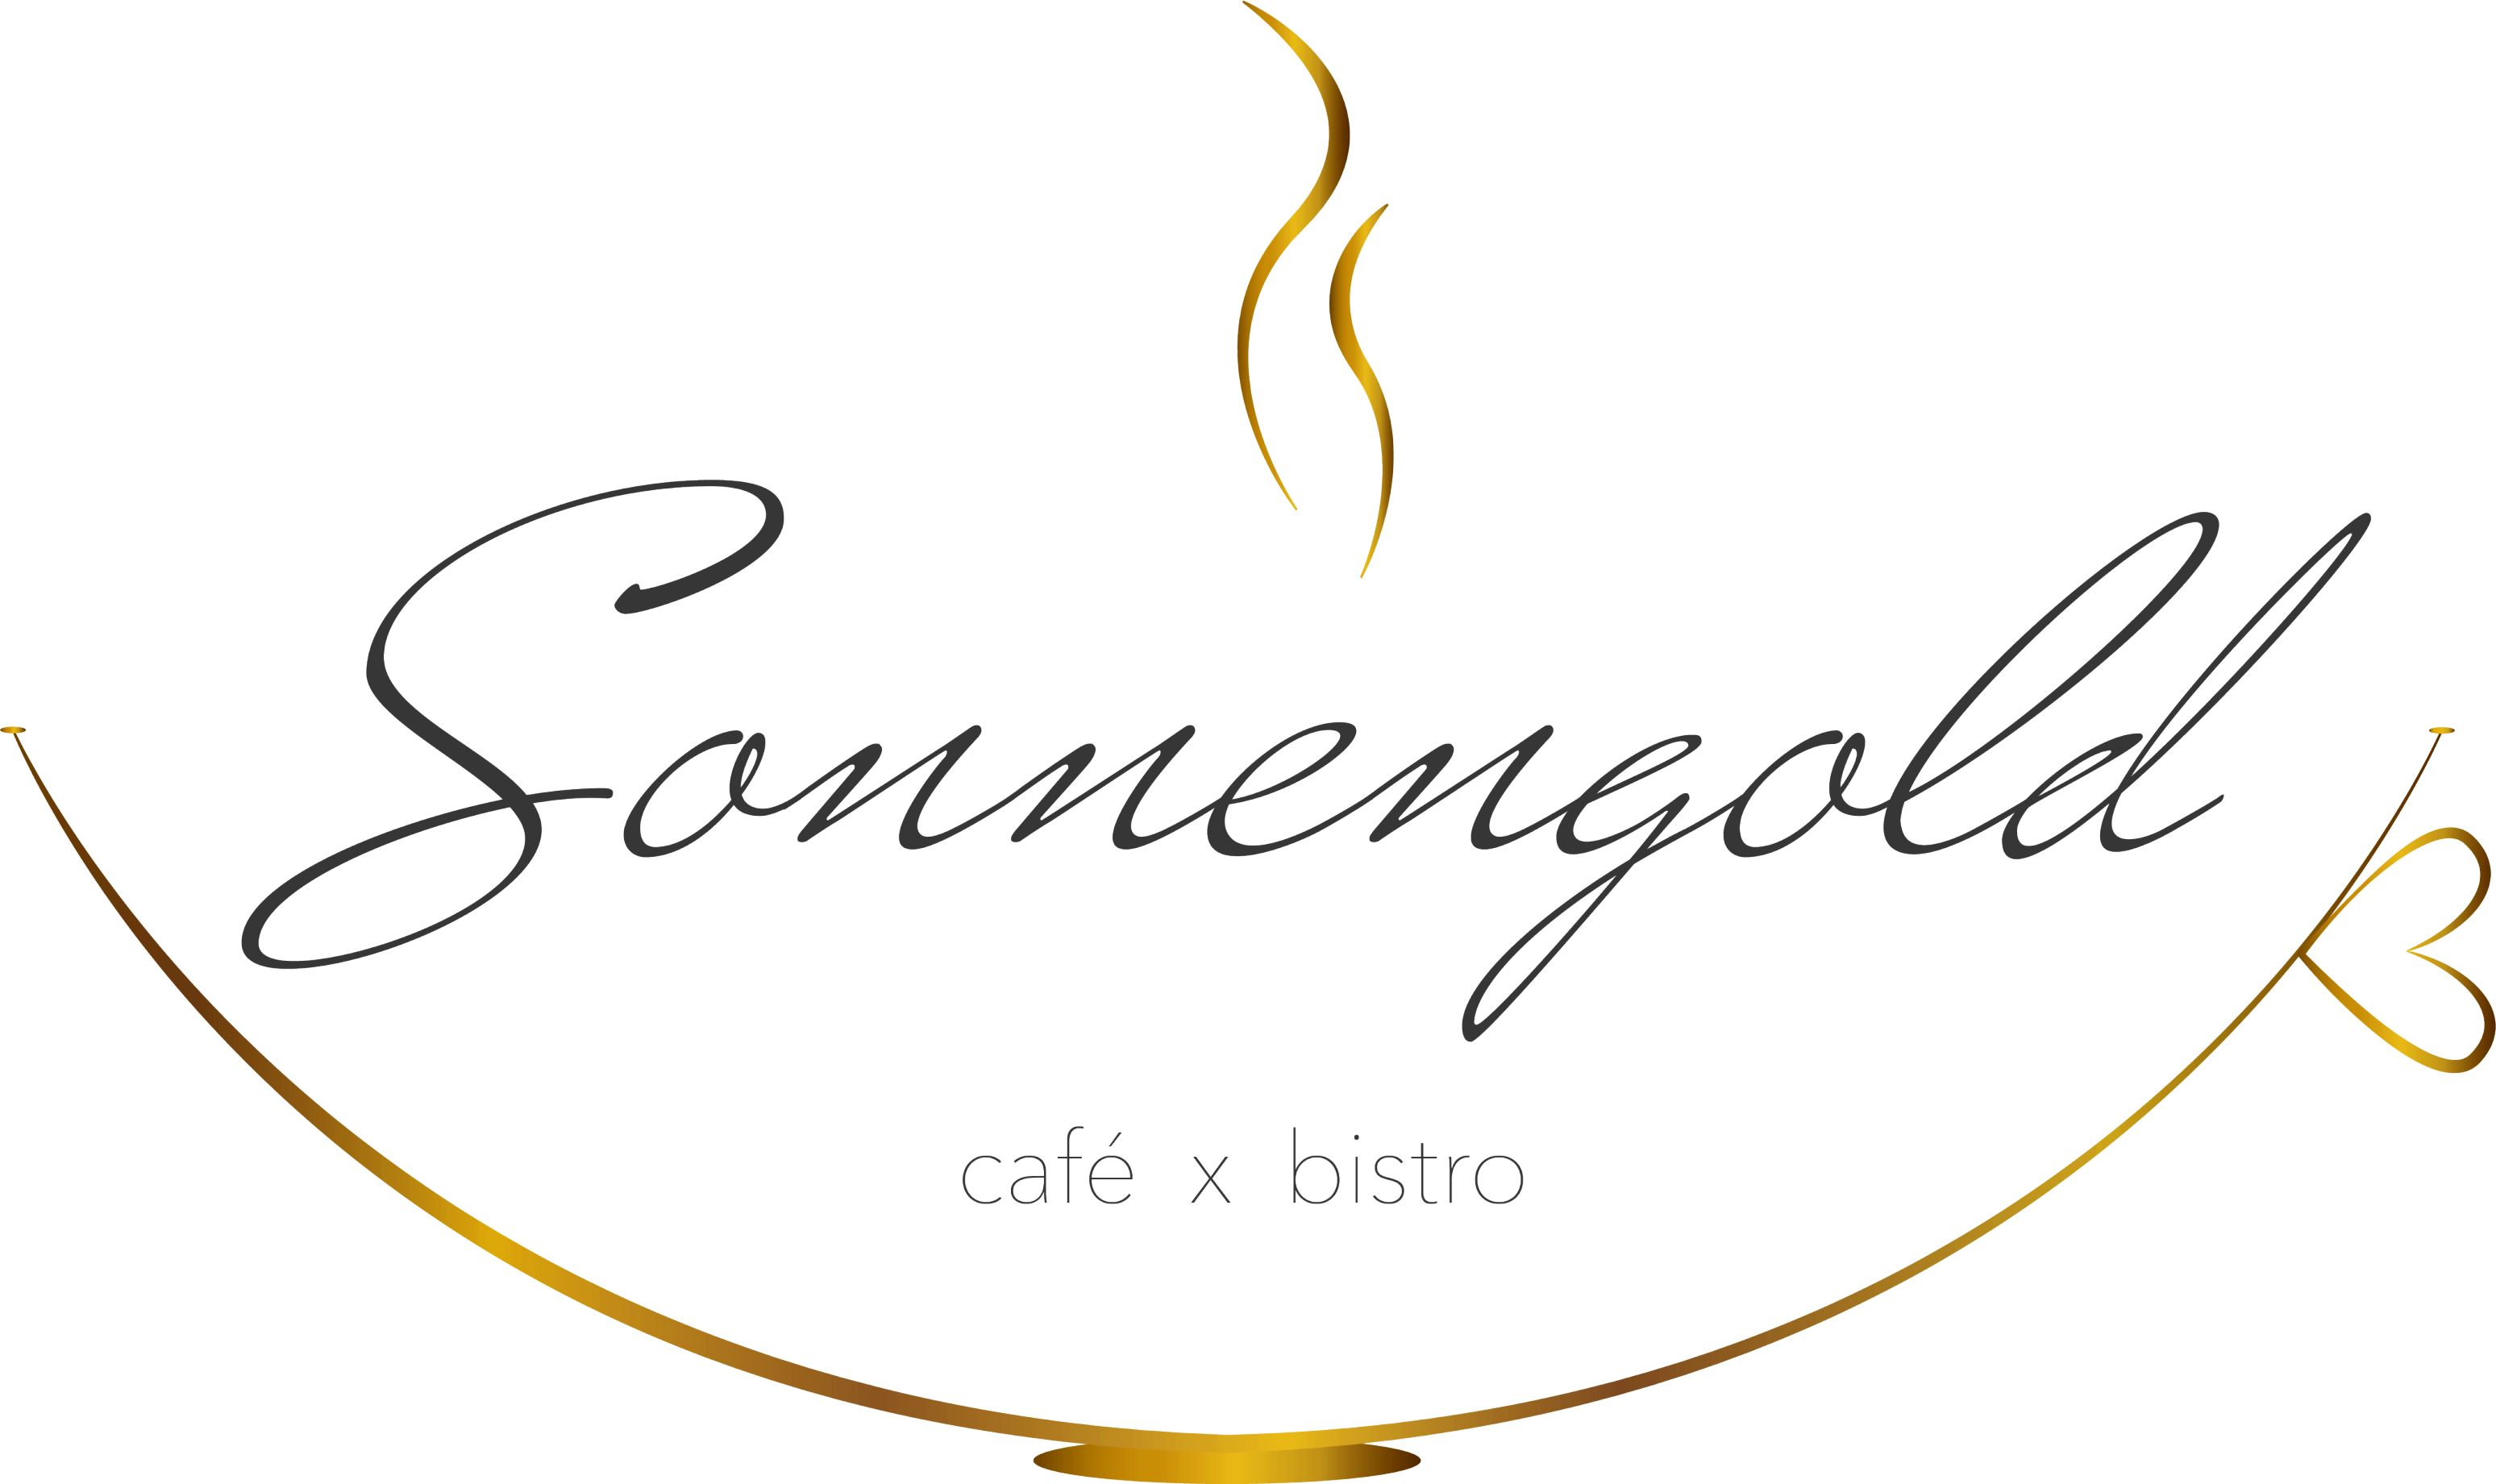 Café Sonnengold